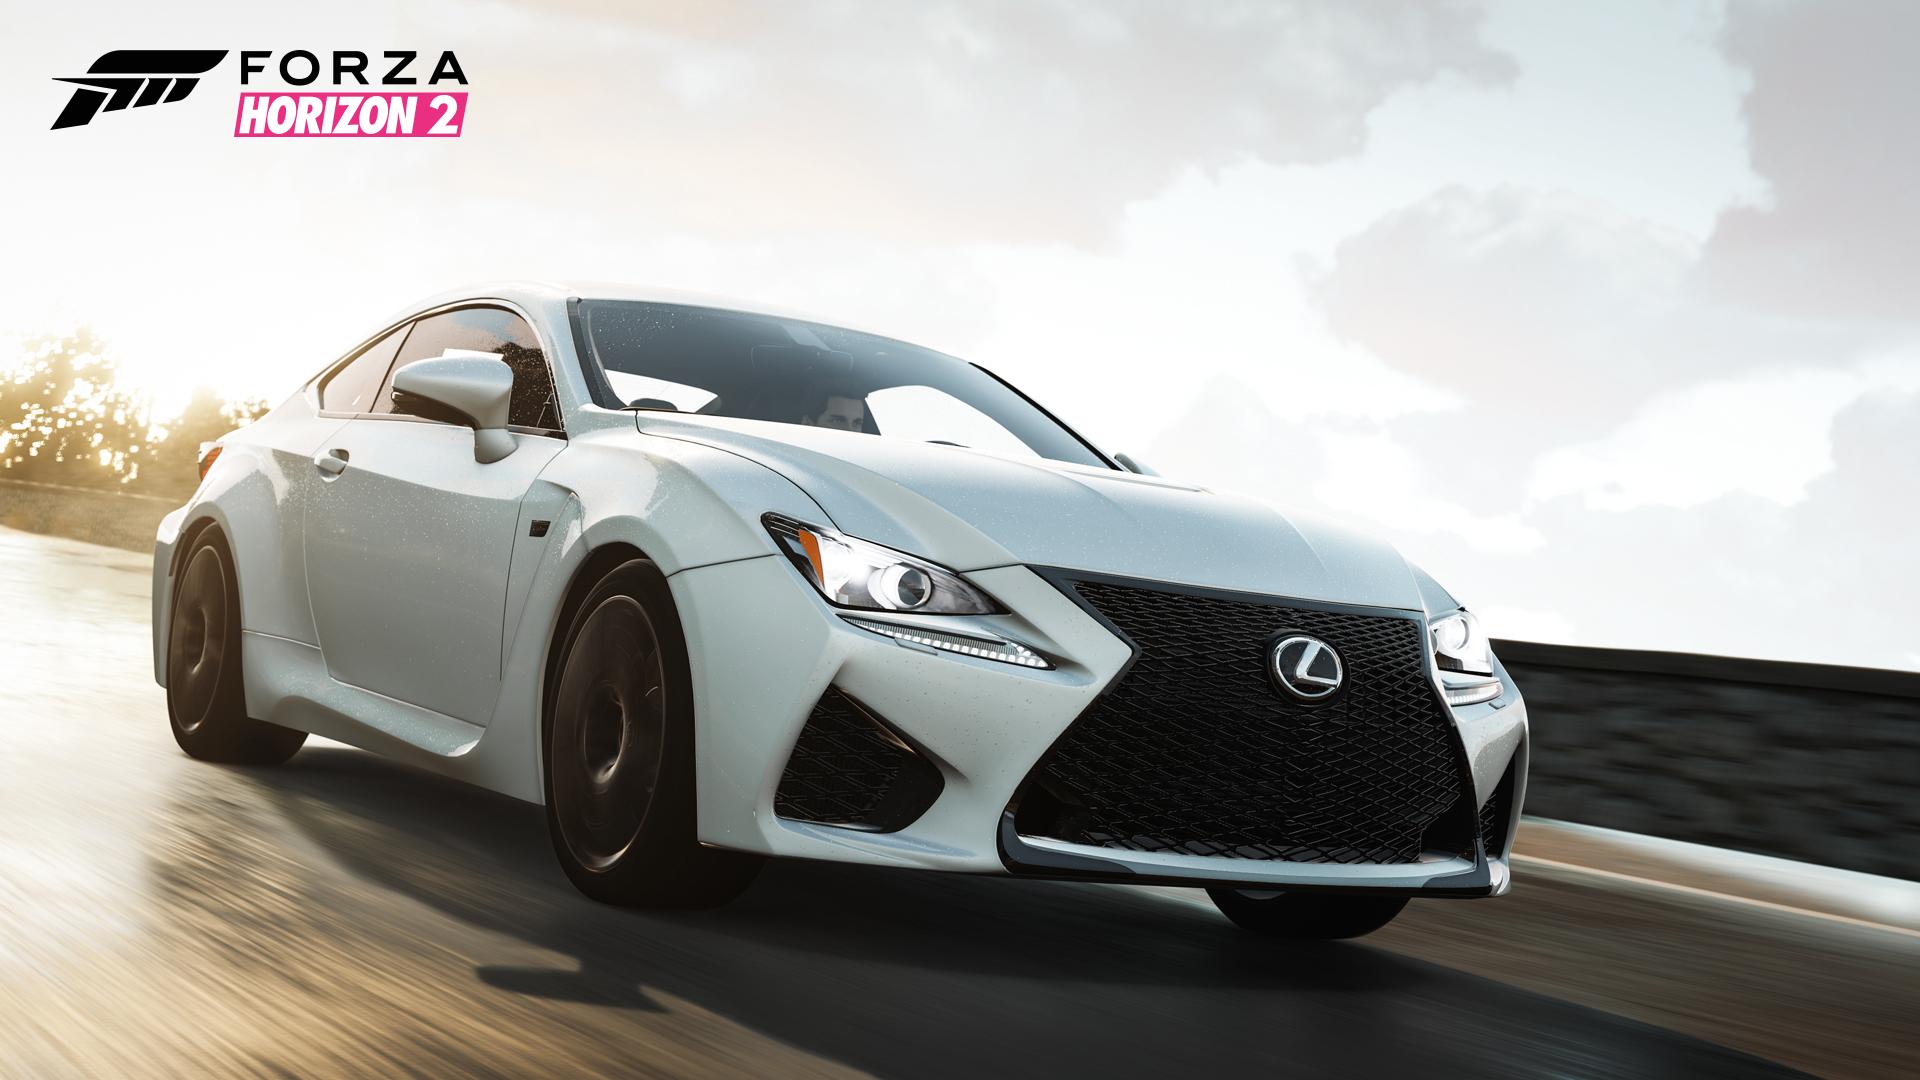 بسته الحاقی Top Gear Car Pack هم اکنون برای Forza Horizon 2 در دسترس